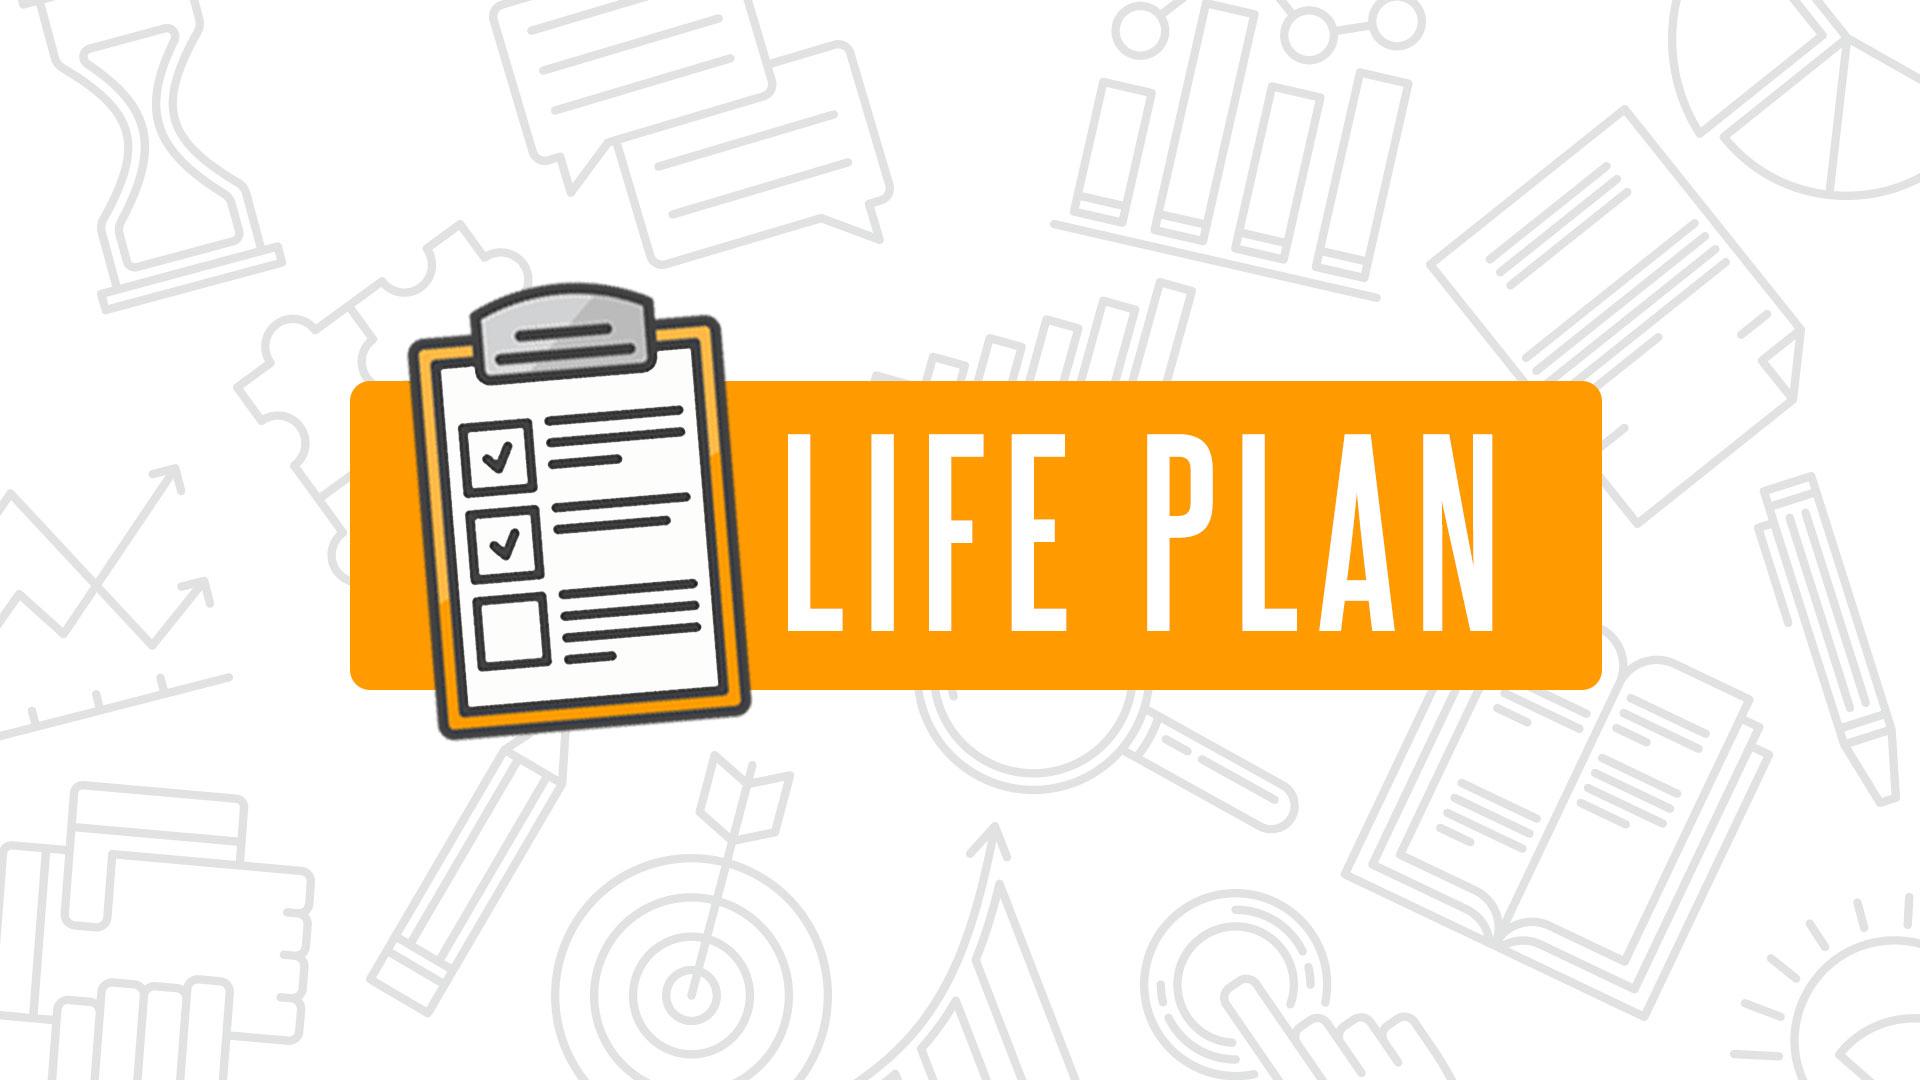 Life-Plan-Key.jpg